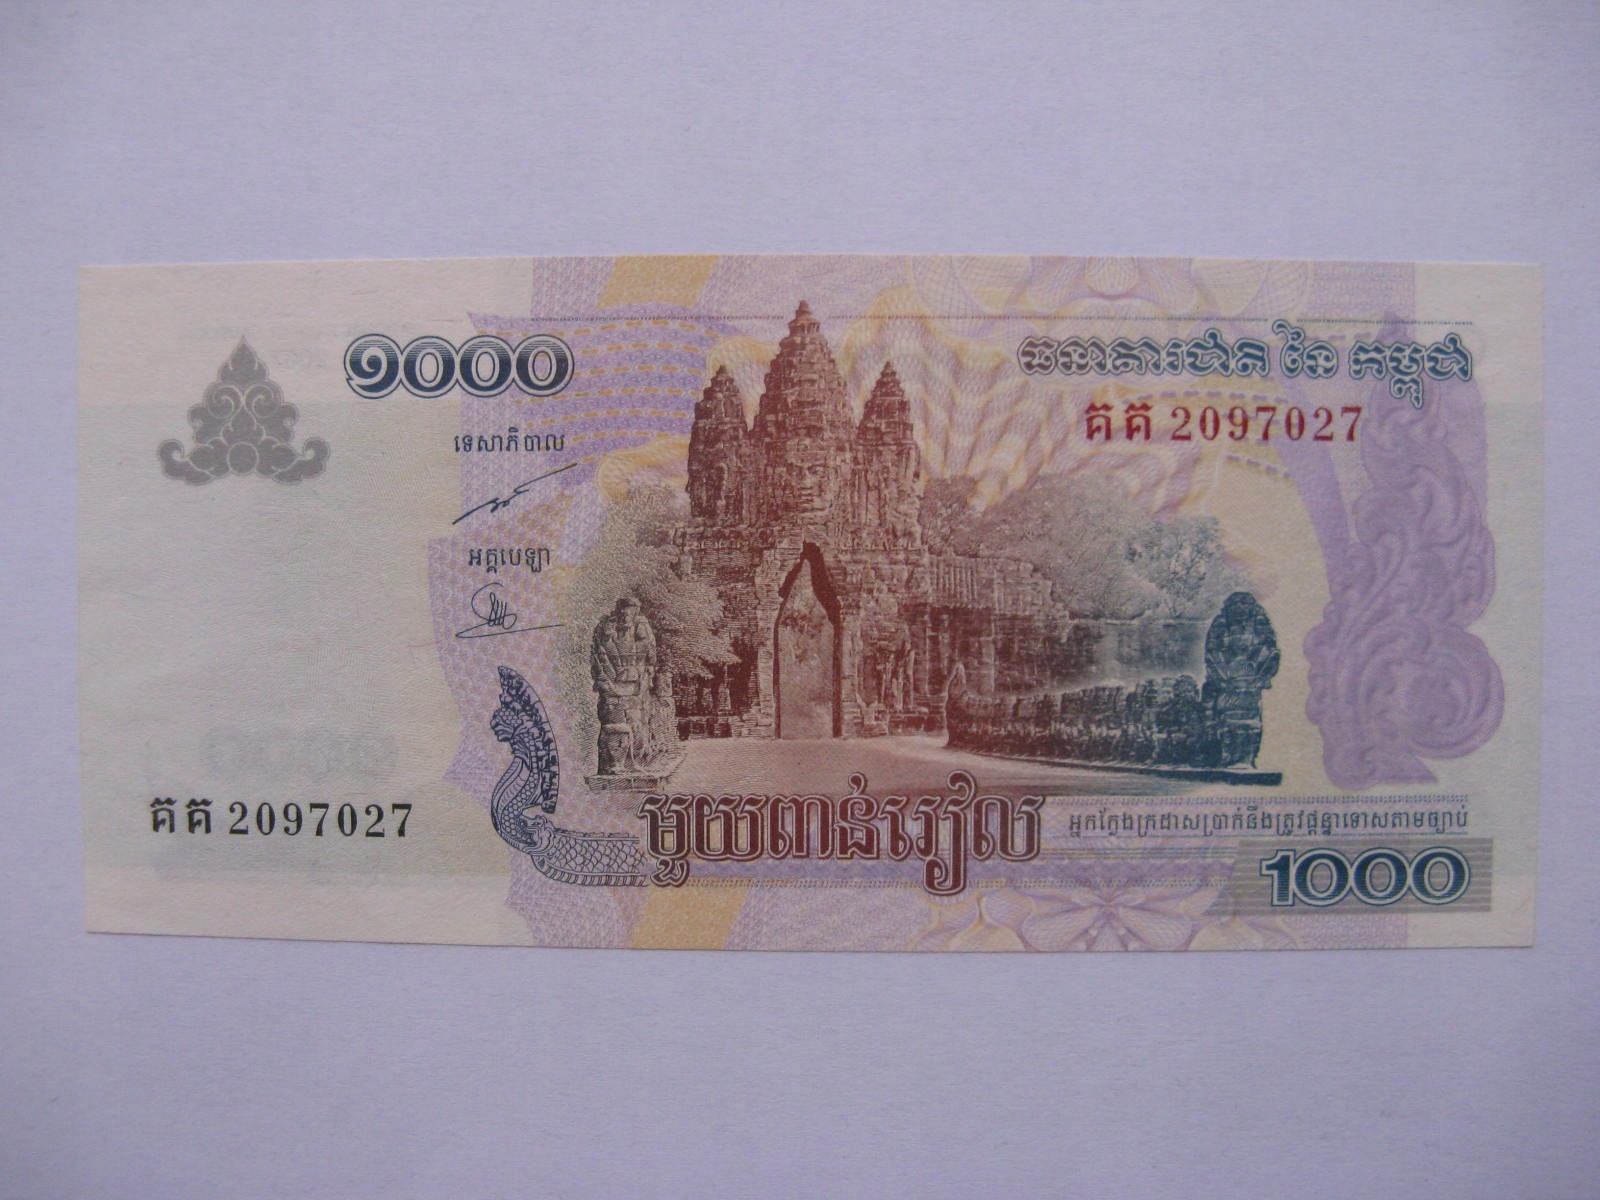 Камбоджа - 1000 риелей - 2007 - P58 - St. 1/1